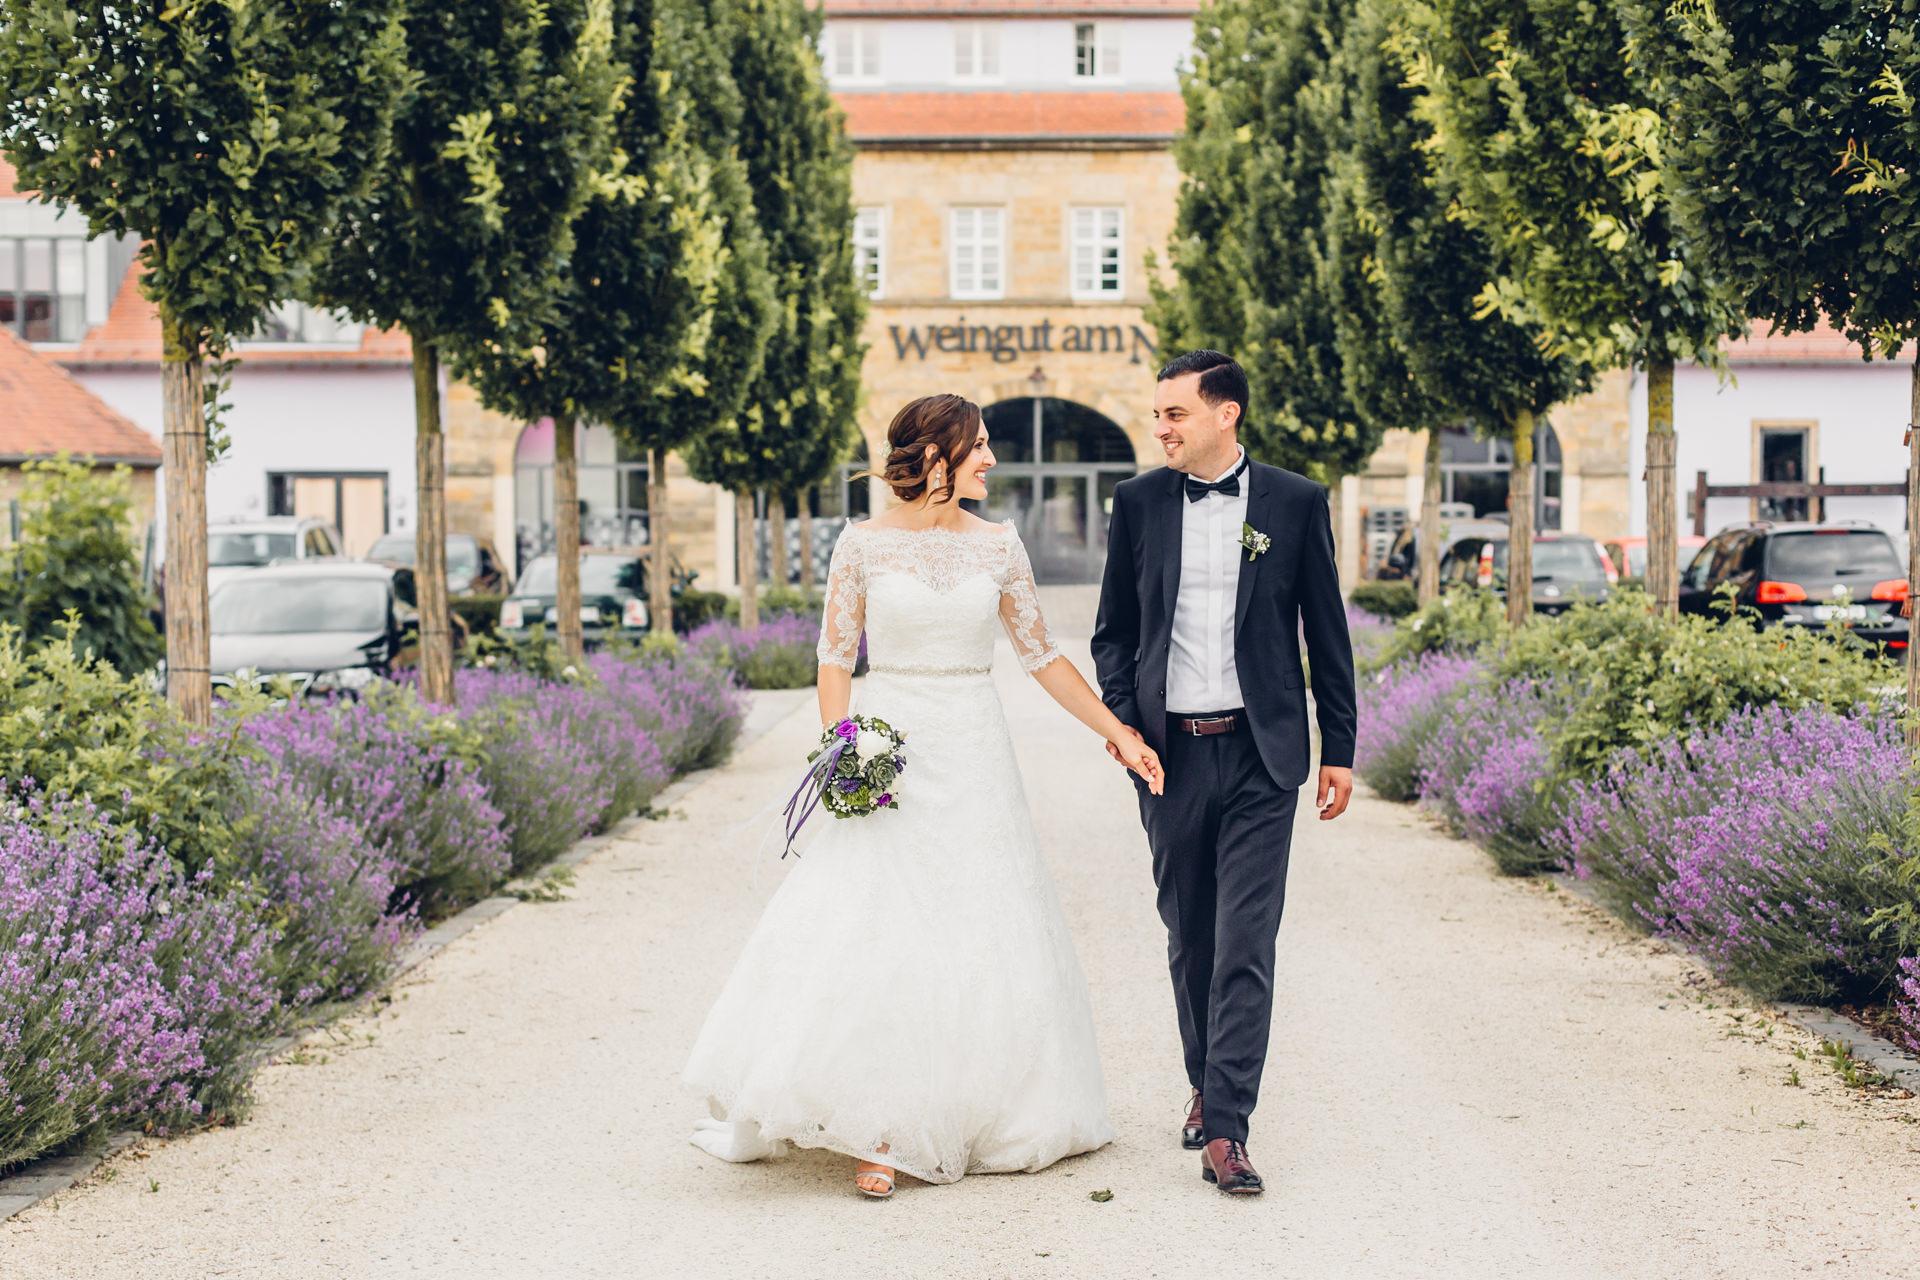 Brautpaar in der Hochzeitslocation in Kallstadt im Weingut am Nil